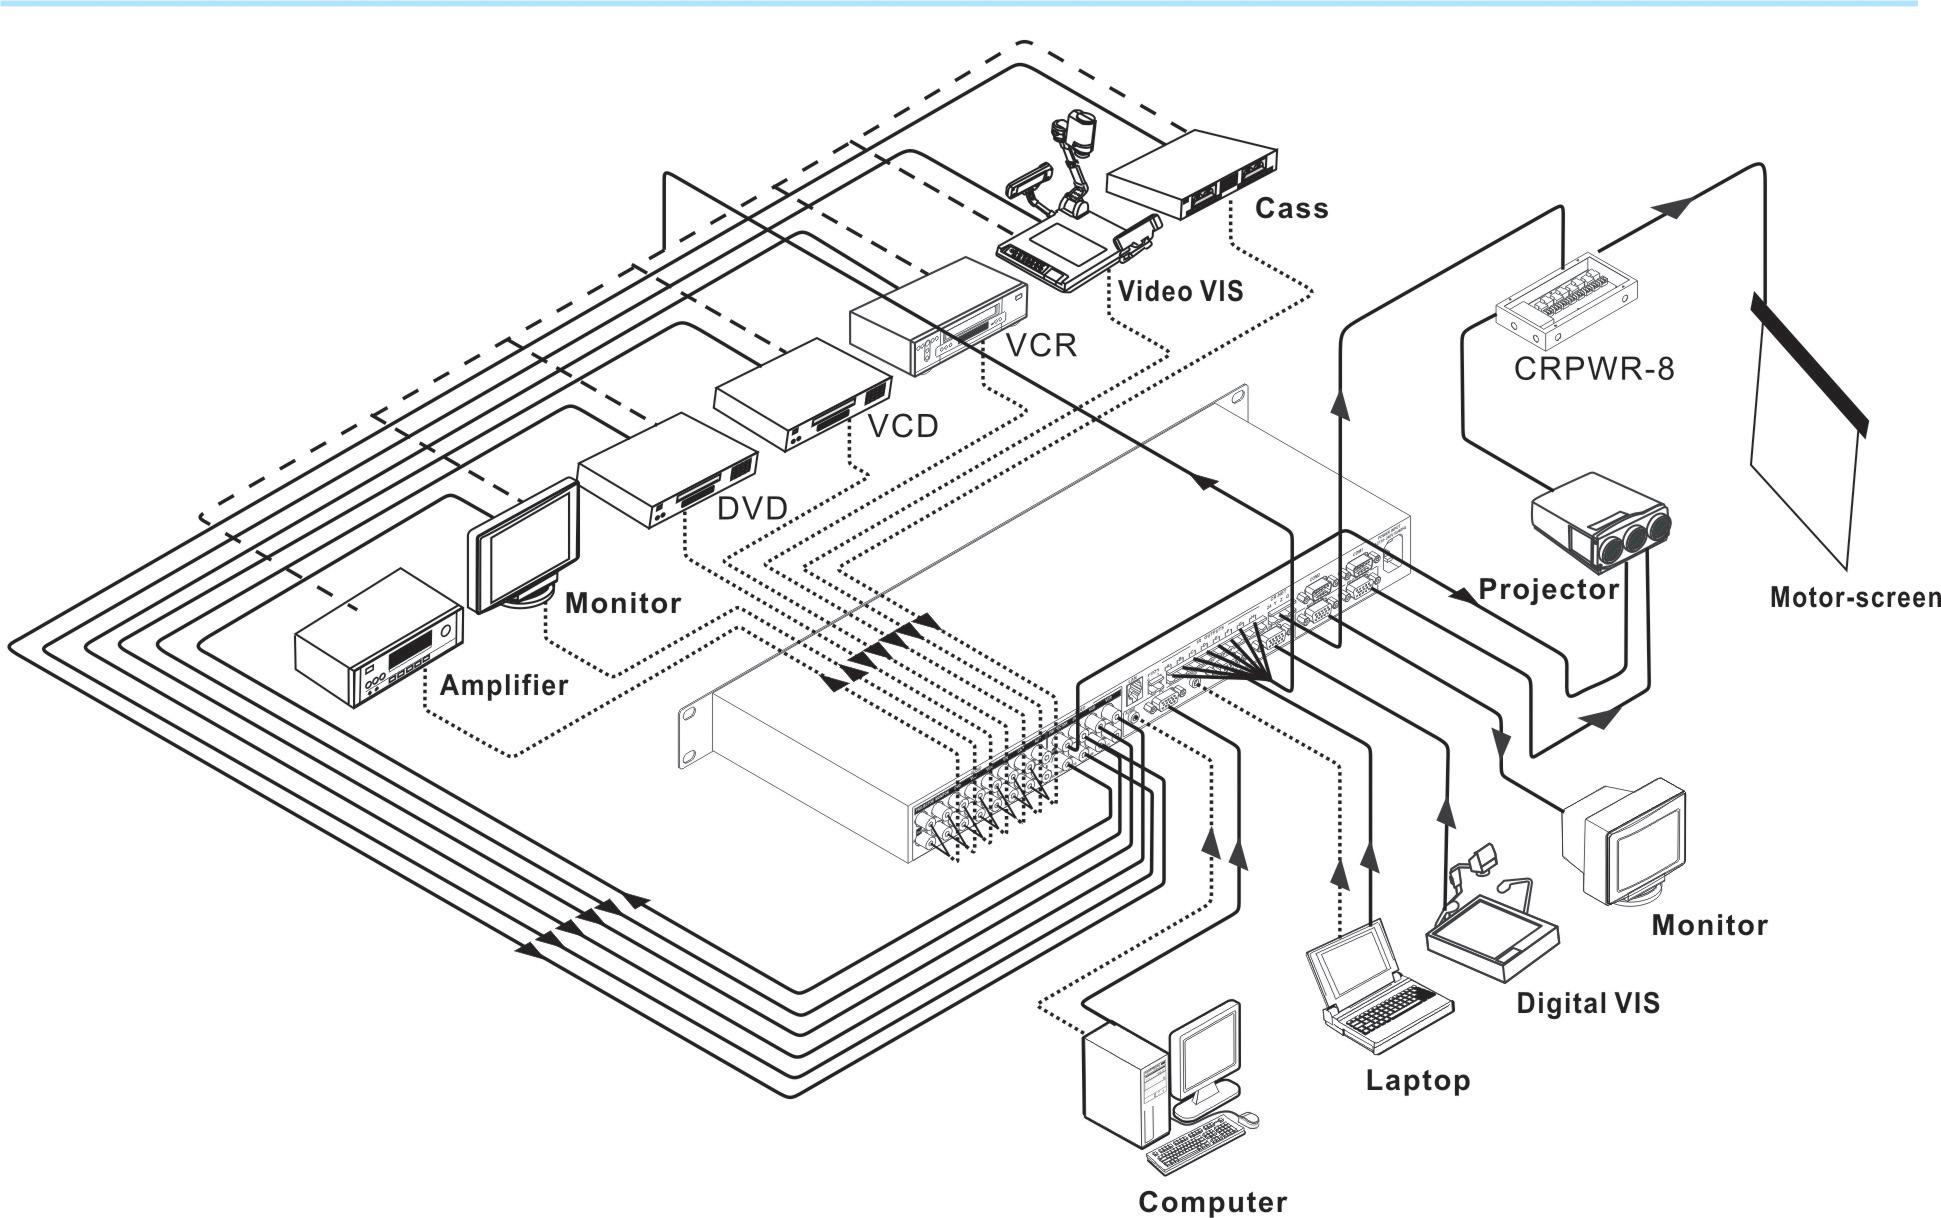 快捷以发展中控系统行业为主,先后开发并生产各种多媒体中央控制系统、可编程中央控制系统、无线可编程触摸屏等智能会议产品等。 TOUCH-AV可编程中央控制主机是CREATOR(快捷)新一代的智能可编程中央控制系统主机。采用先进的整合技术,提供高速准确的集中控制环境,提供多种可编程控制接口,开放式的用户编程环境,完成各种复杂的控制接口编程。 TOUCH-AV最新设计外形,美观大方,极具科技感。可搭配ST-6500C、ST-7600C等各种触摸屏和CRWM-8、CRWM-16按键使用。 TOUCH-AV可编程中